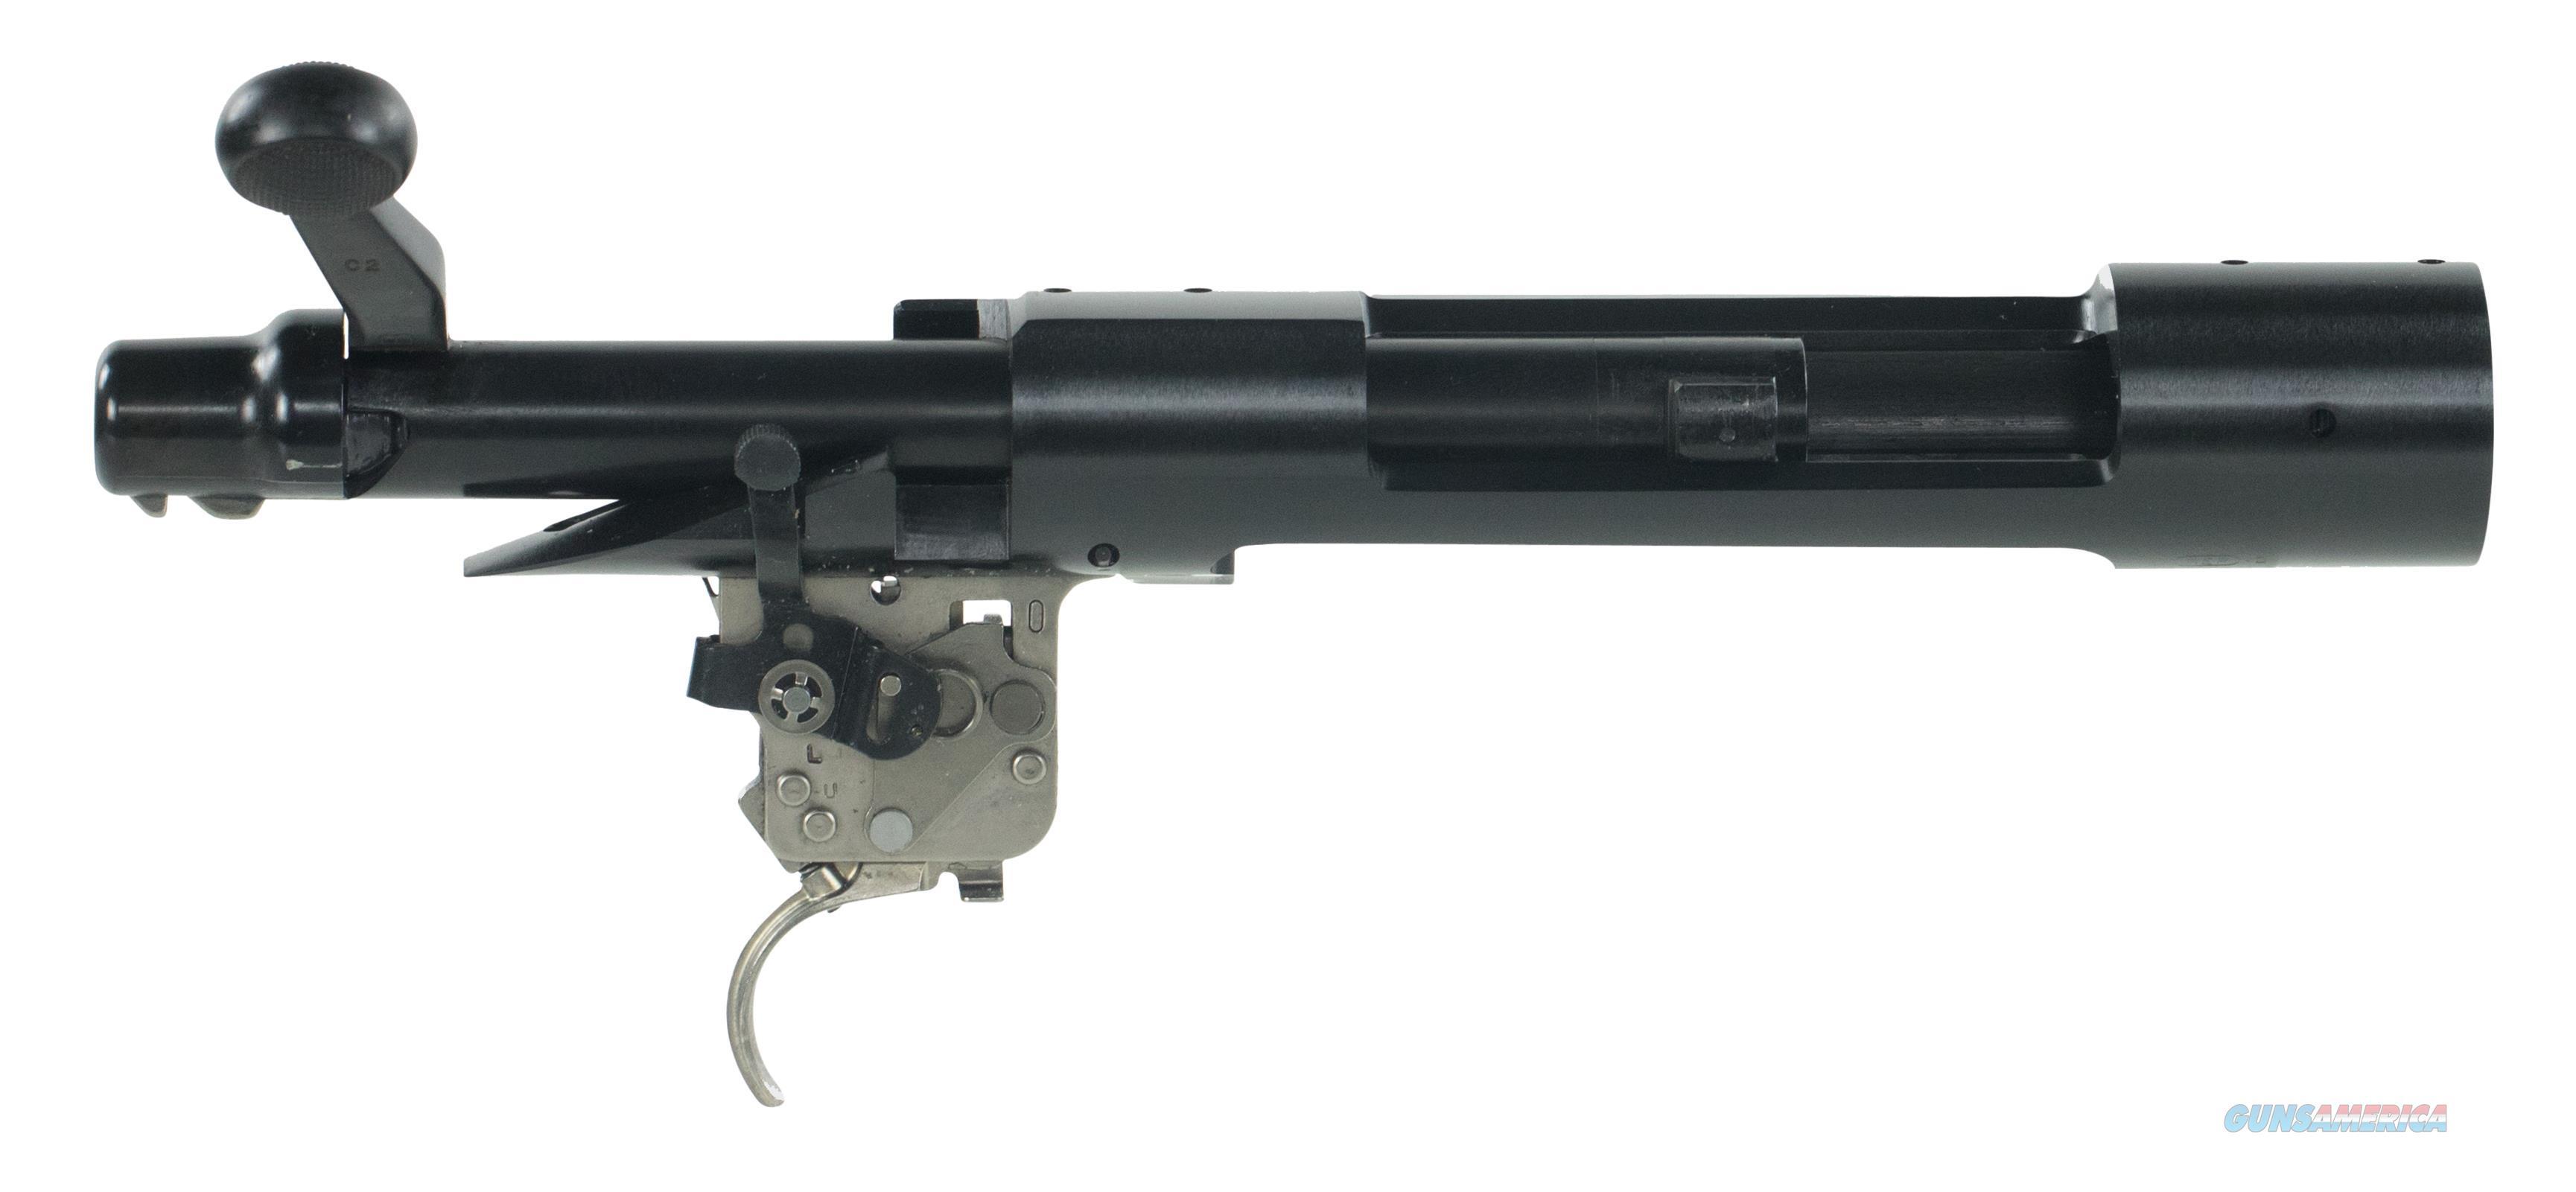 Remington Standard 700 Sa Receiver, Blued 27553  Guns > Rifles > R Misc Rifles